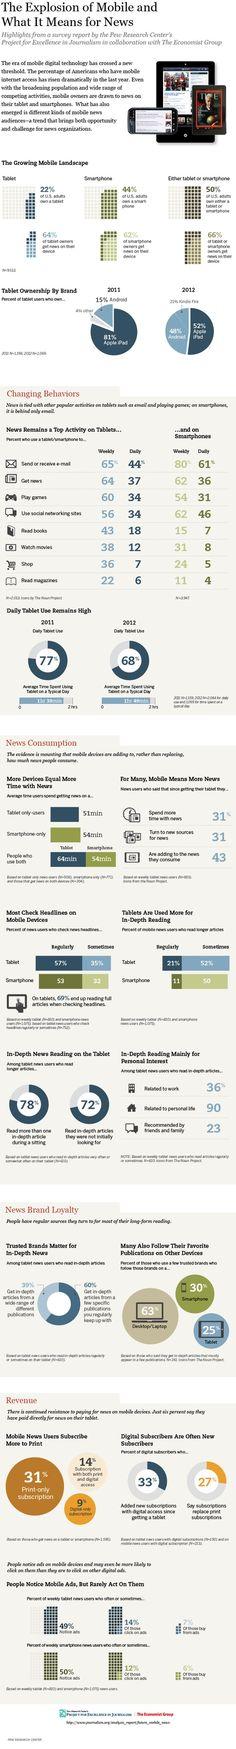 El consumo de noticias en la era de los móviles y las tabletas [Infografía]